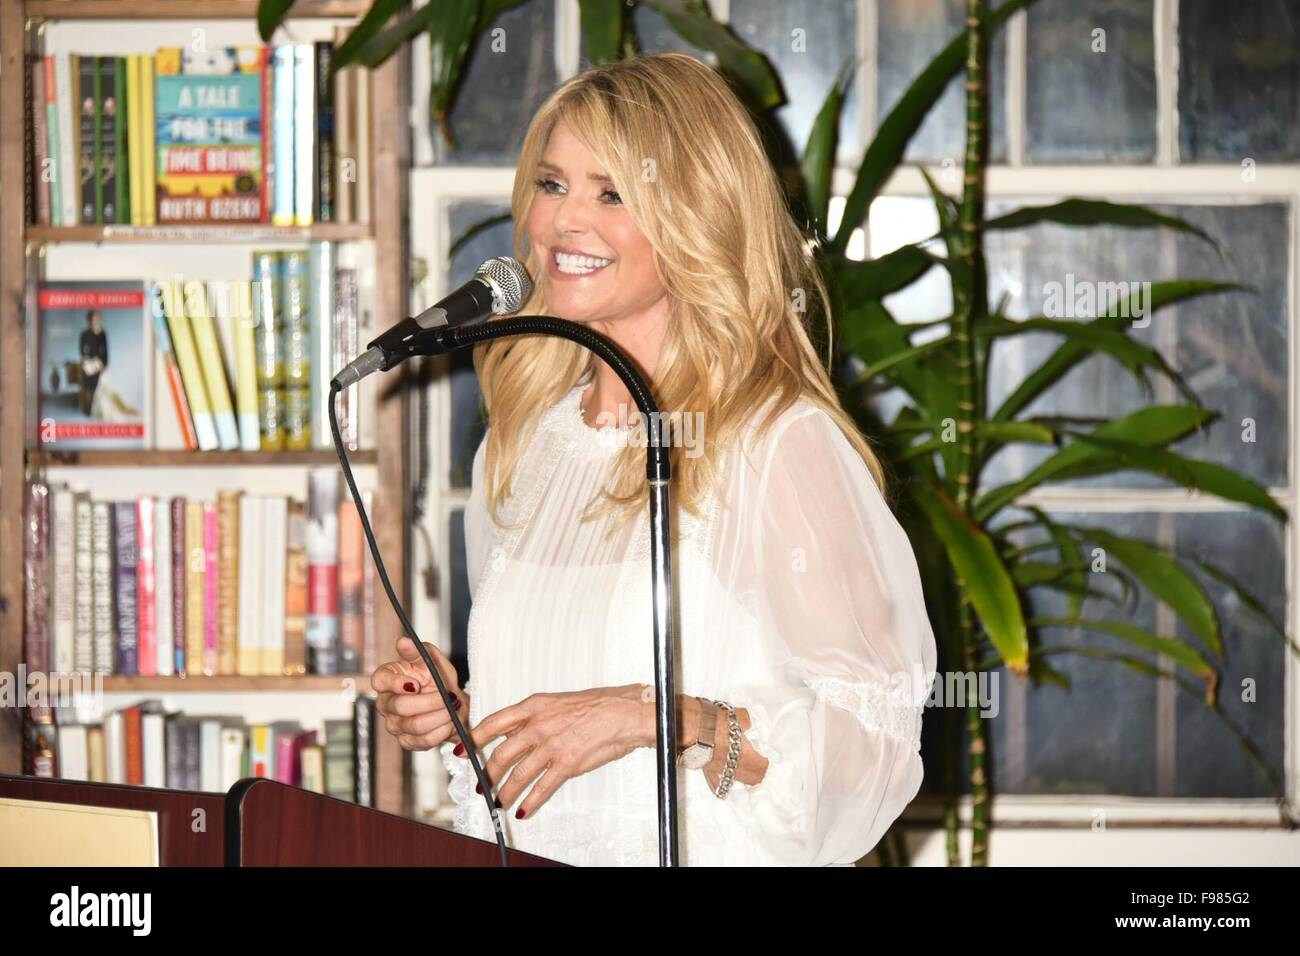 """Christie Brinkley unterschreibt Exemplare ihres neuen Buches """"Zeitlose Schönheit"""" bei Buch-Revue mit Huntington: Christie Brinkley Where: Huntington, New York, USA bei: 13. November 2015 Stockfoto"""